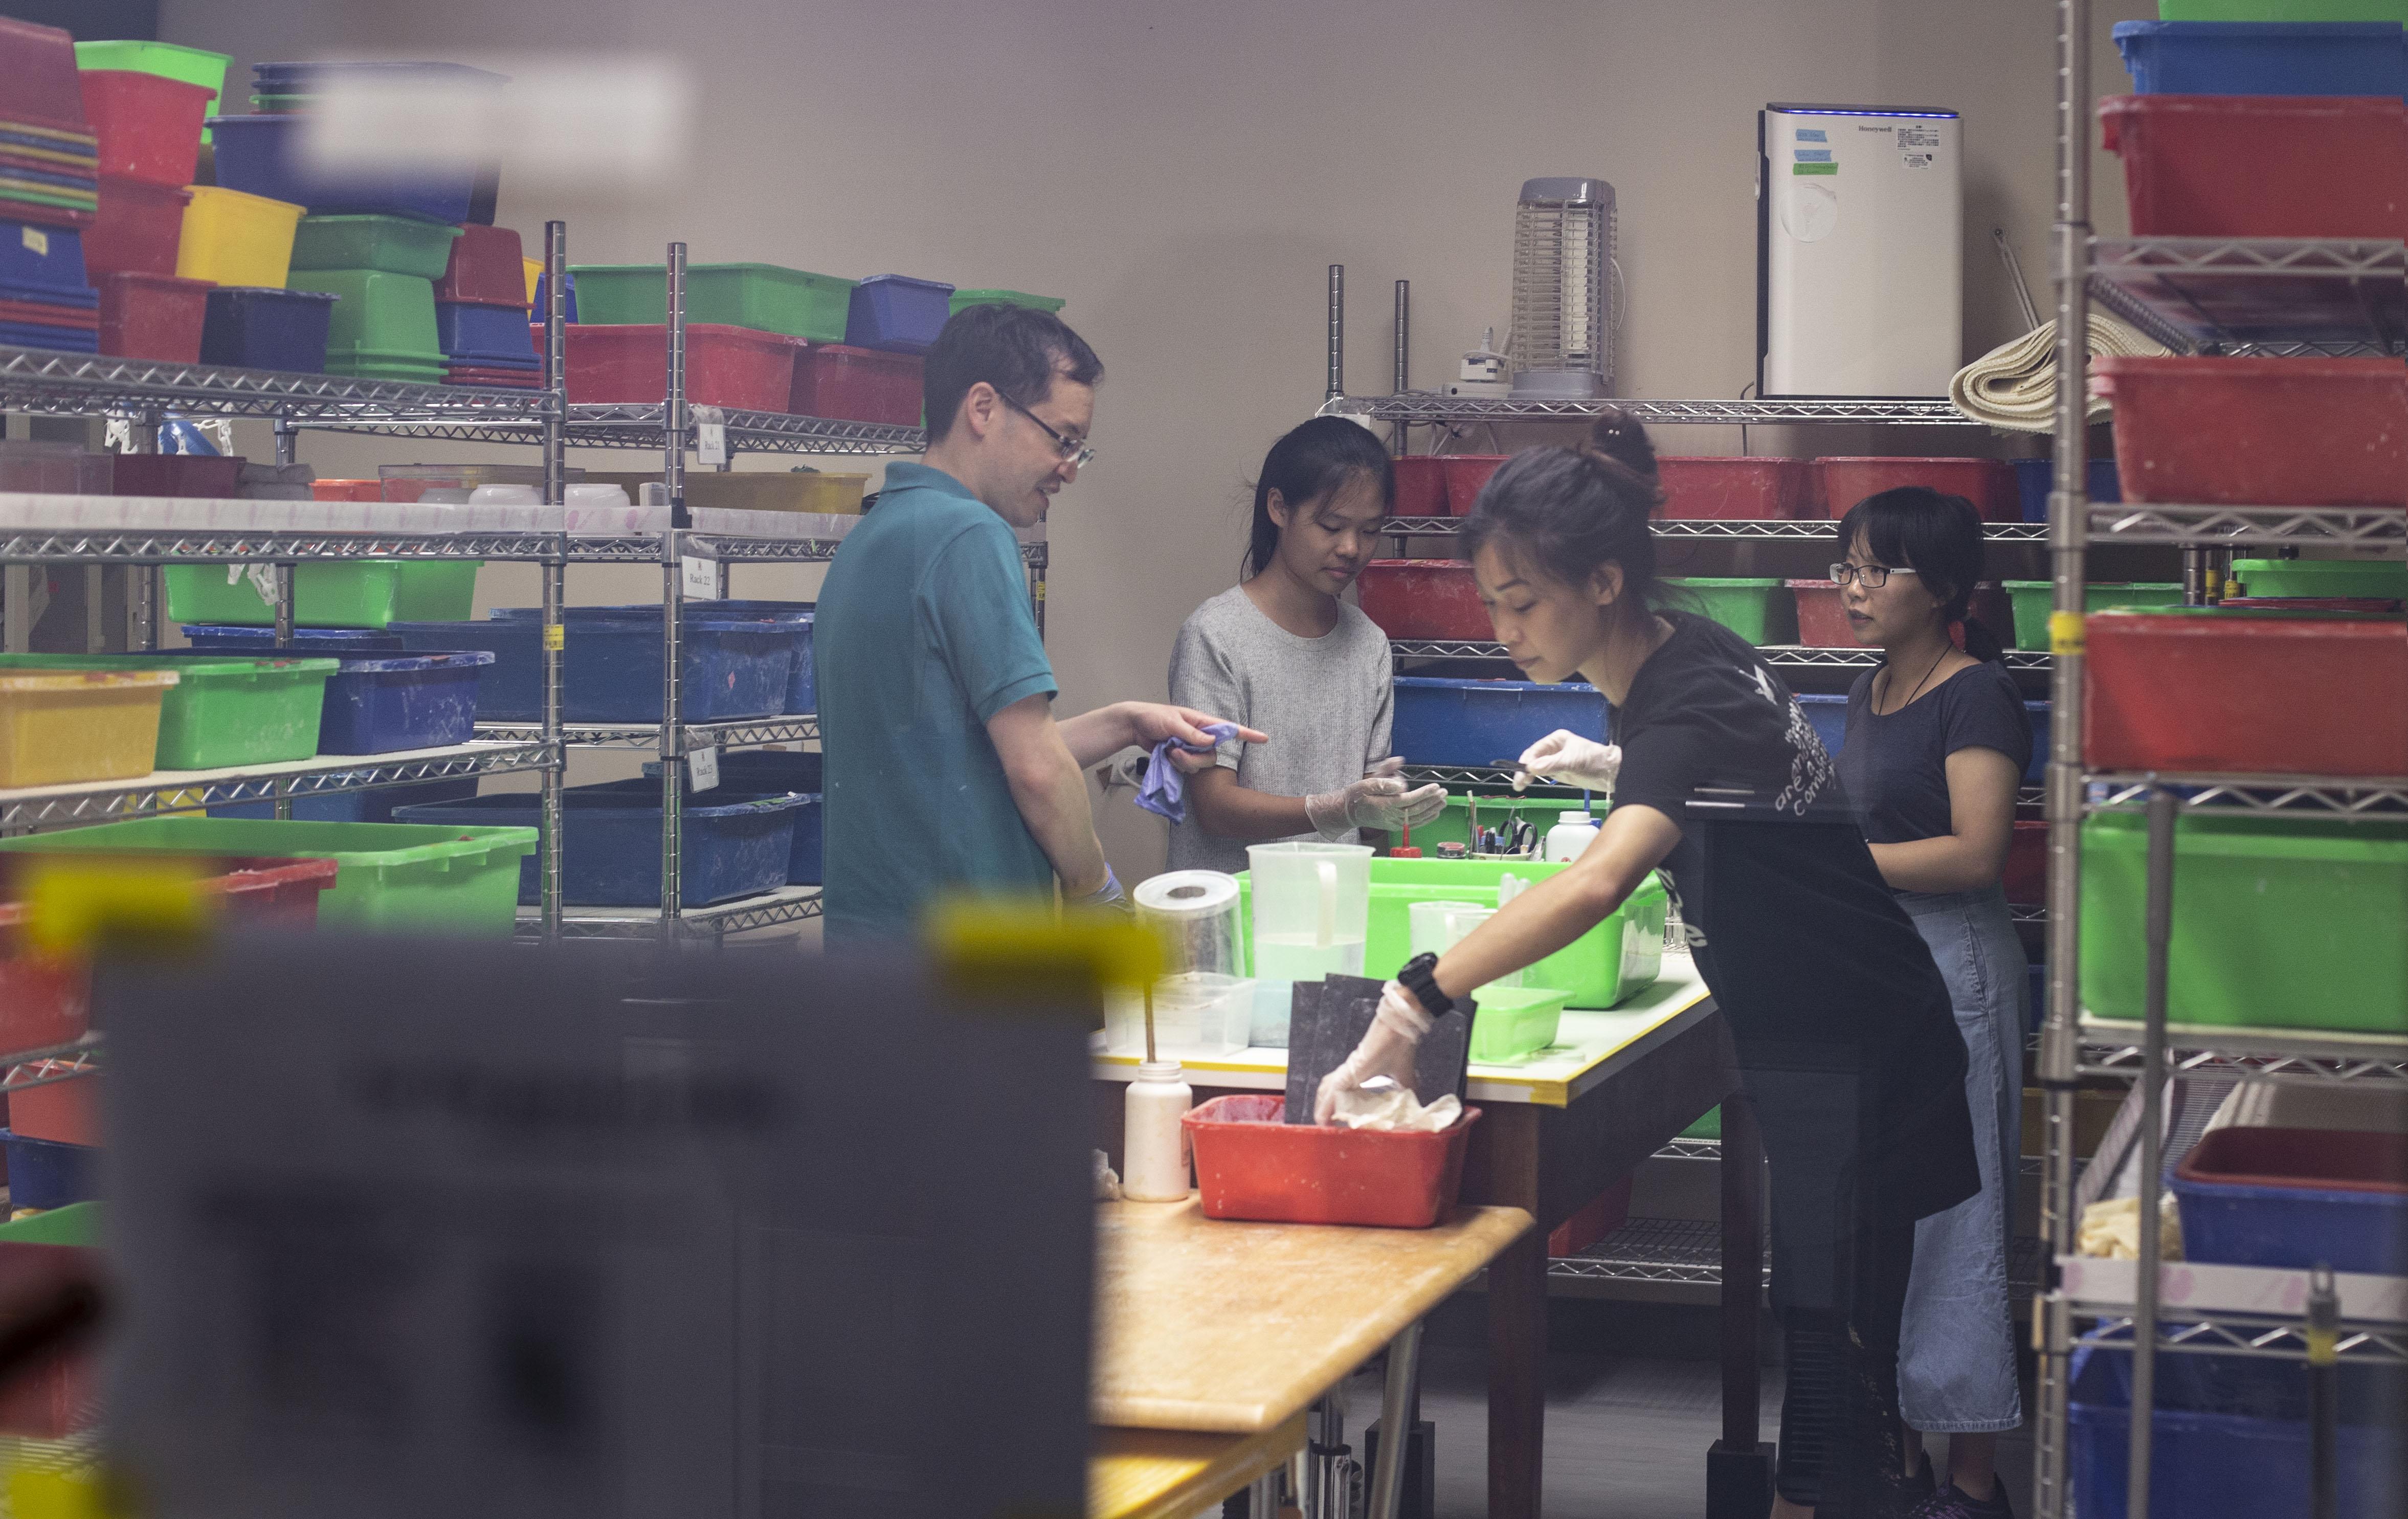 中研院的神秘螞蟻房。2010 年,演化基因學家王忠信從國外回到台灣中研院,研究入侵紅火蟻的超級基因。為了近距離觀察紅火蟻,他向中研院申請設立這間院區內最特別的螞蟻房。攝影│林洵安